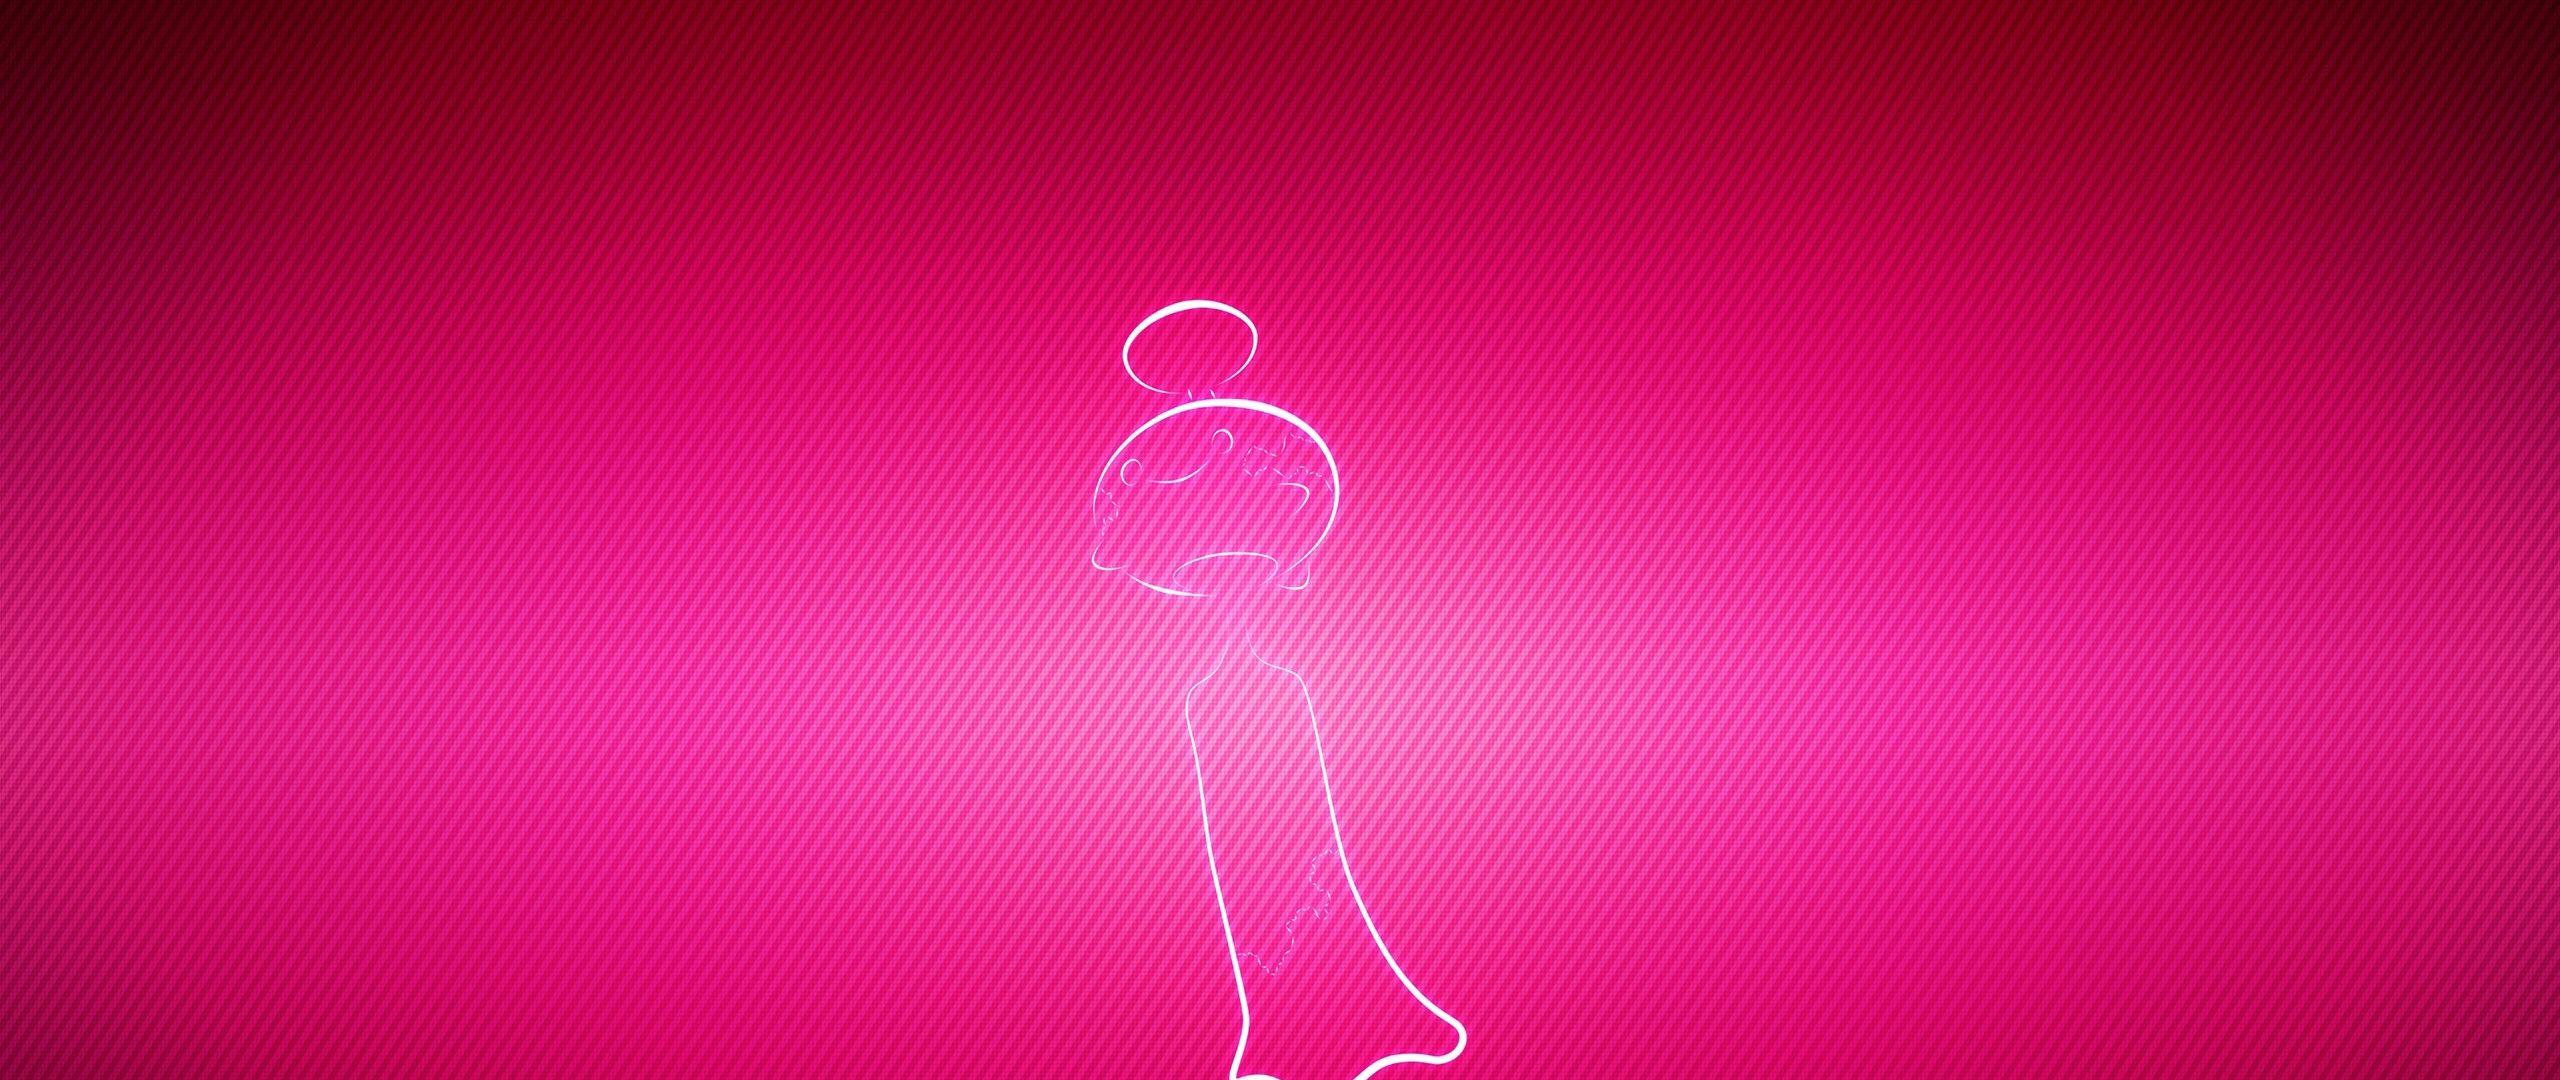 Download wallpaper 2560x1080 pokemon pink chimecho dual wide 2560x1080